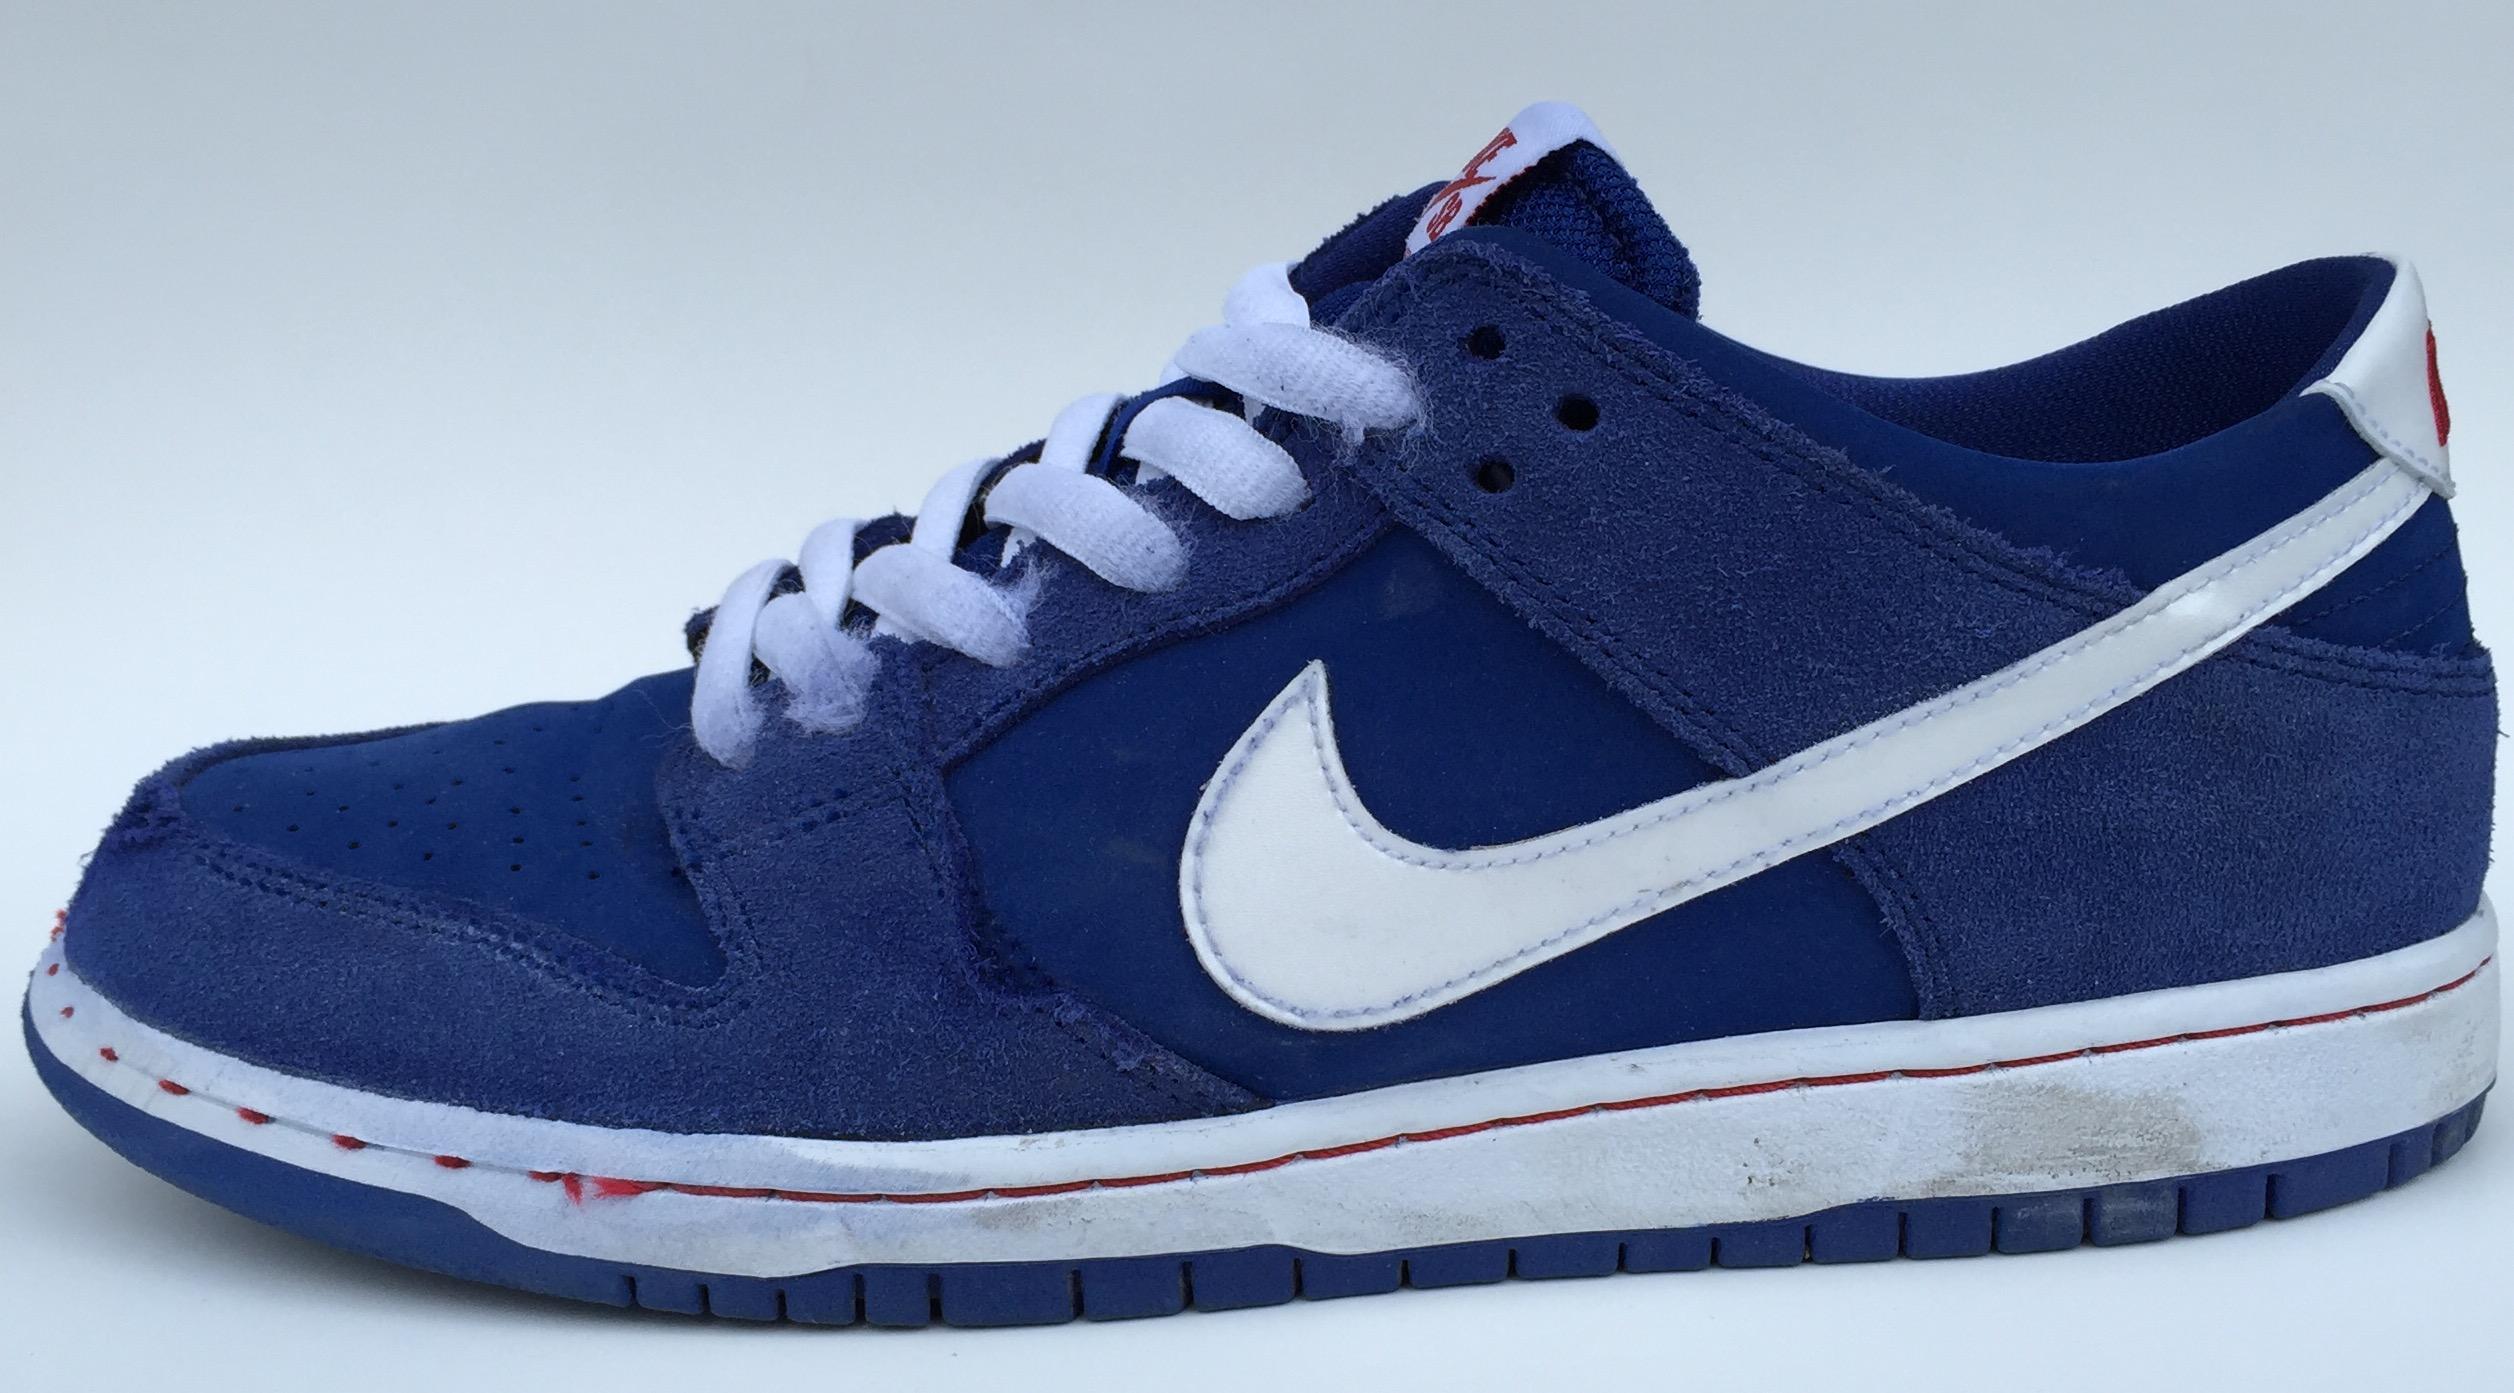 Nike Sb Dunk Low Pro Ishod